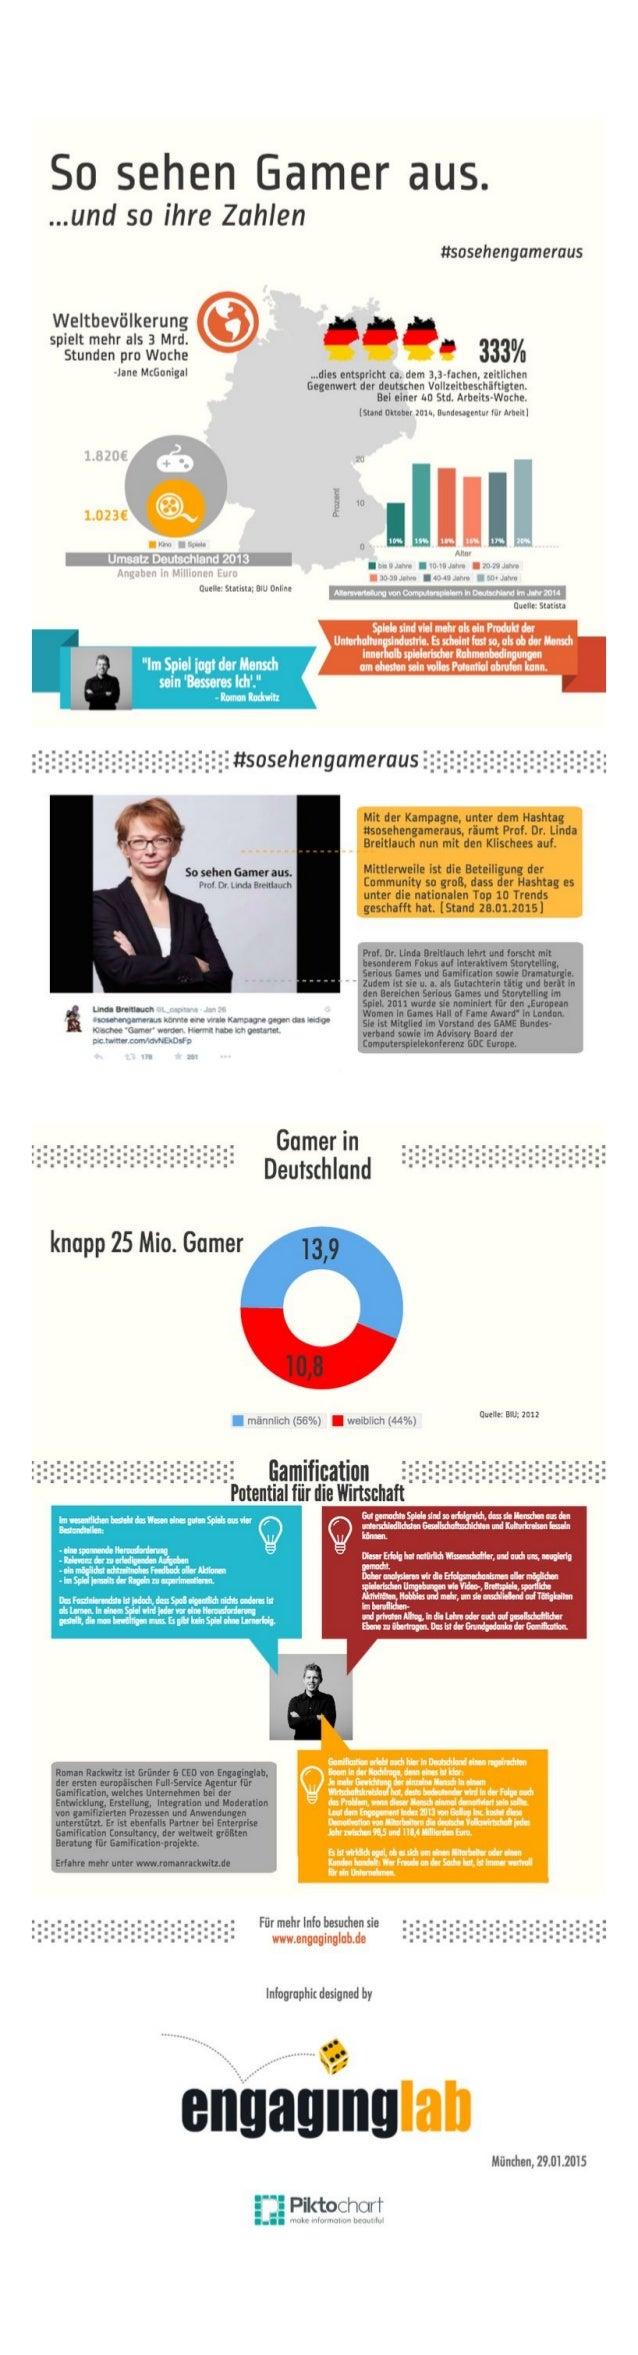 So sehen Gamer aus - Deutschland - Fakten